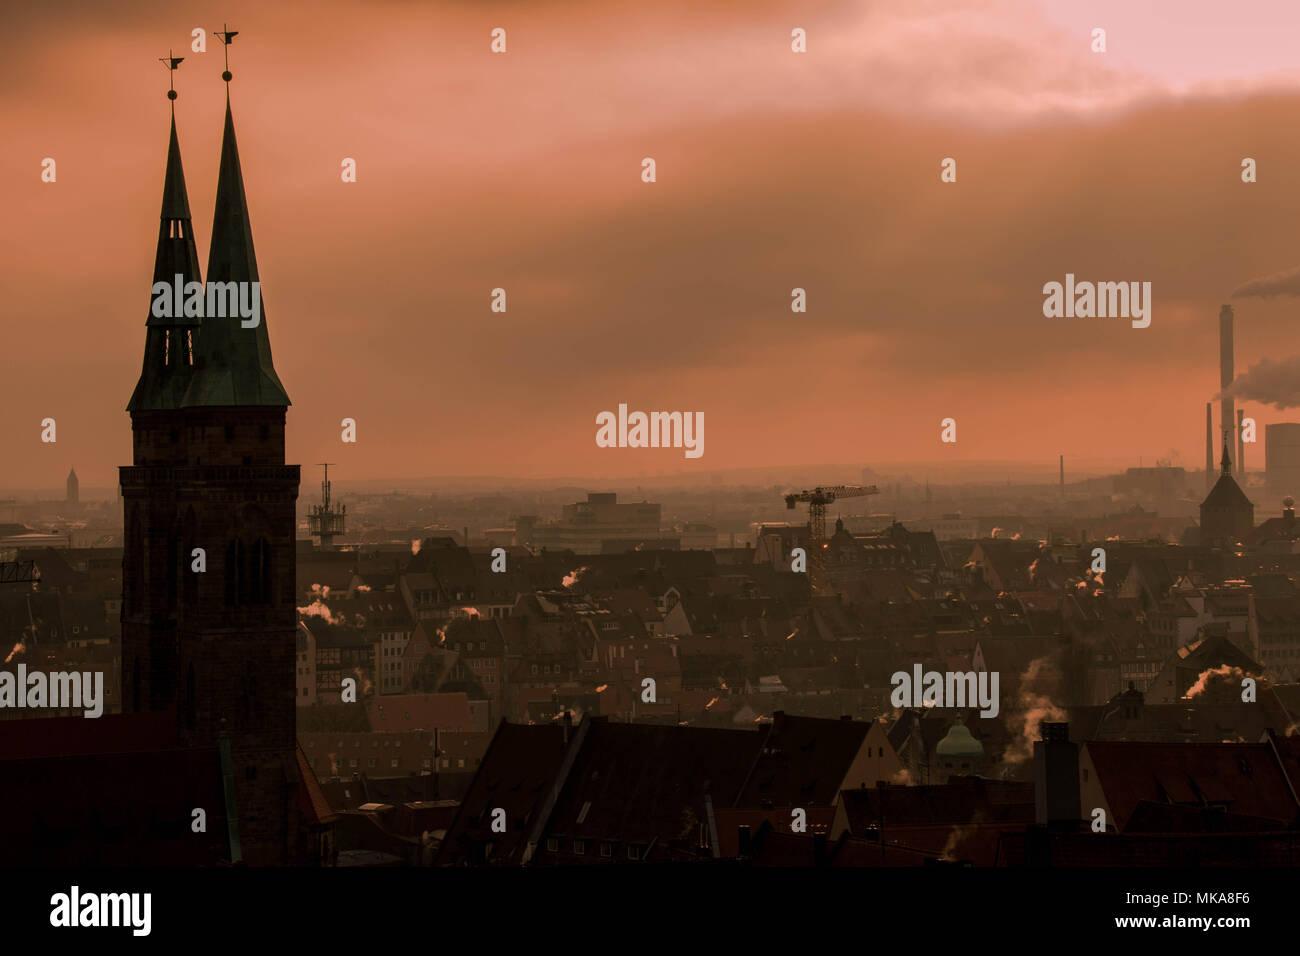 Norimberga, Germania - inquinamento da combustibili fossili sopra lo skyline della città di sunrise immagine con spazio di copia Immagini Stock